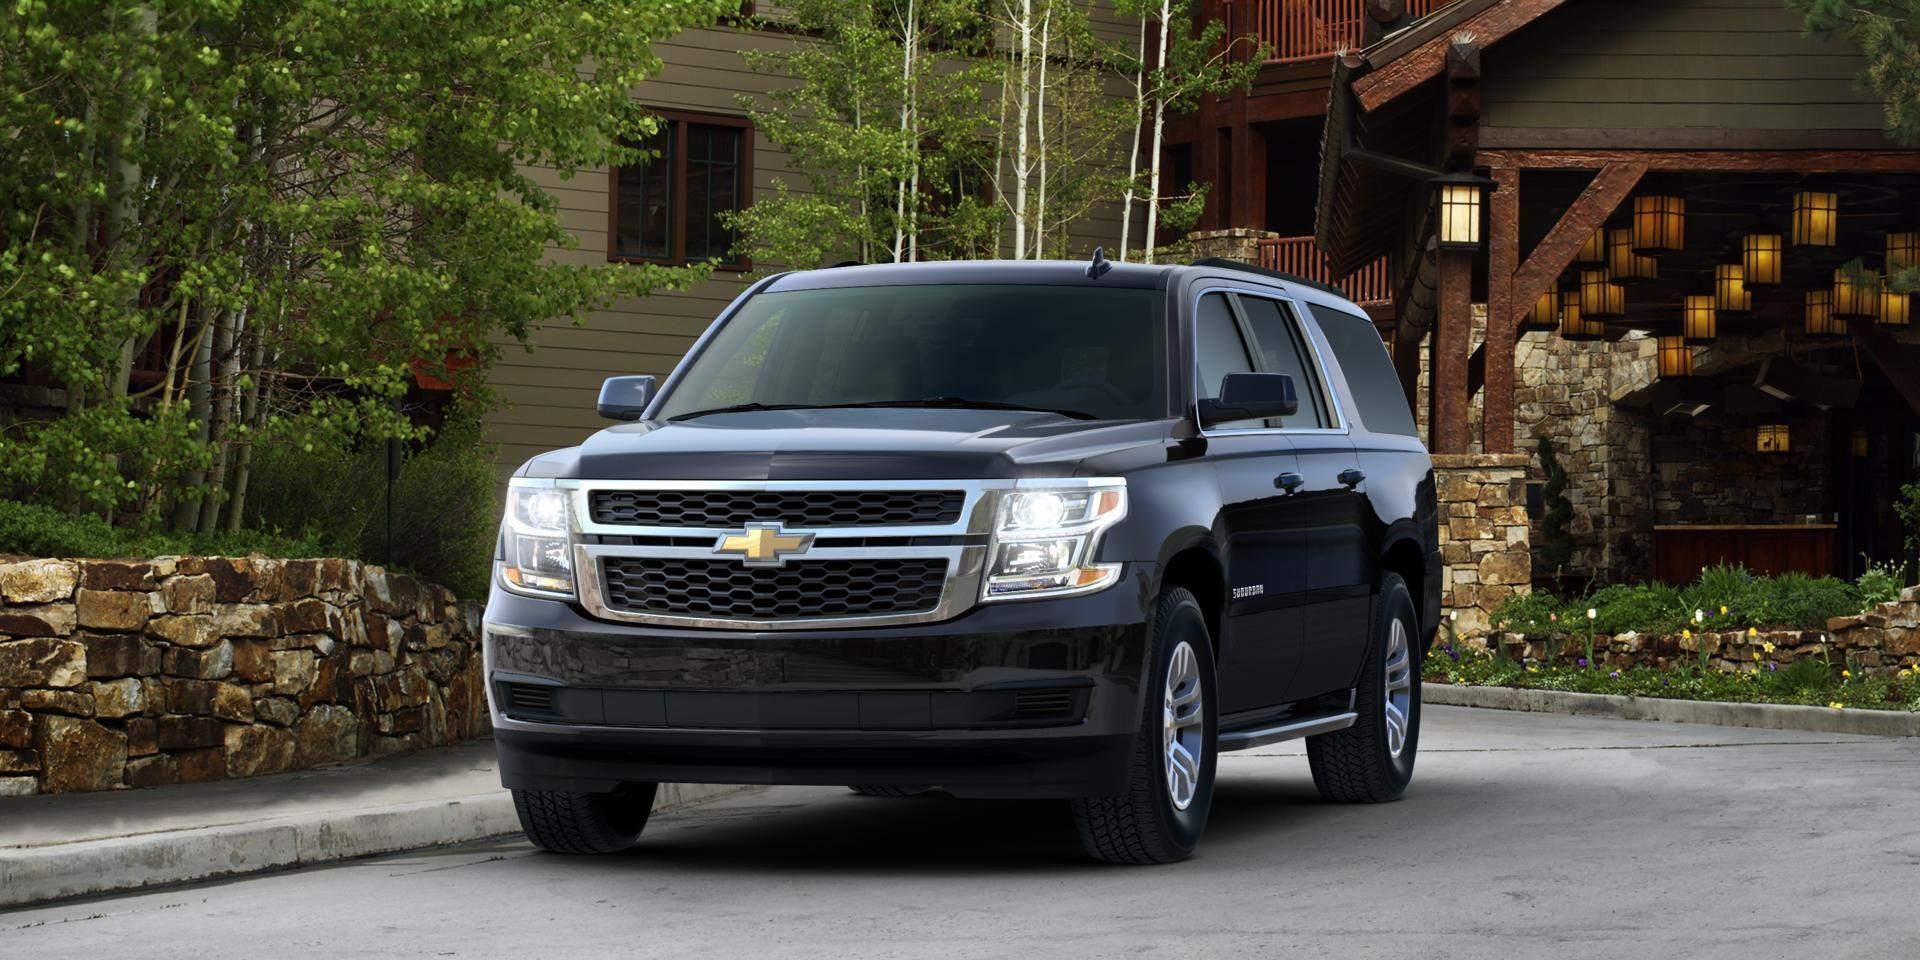 Luxury SUV Rides